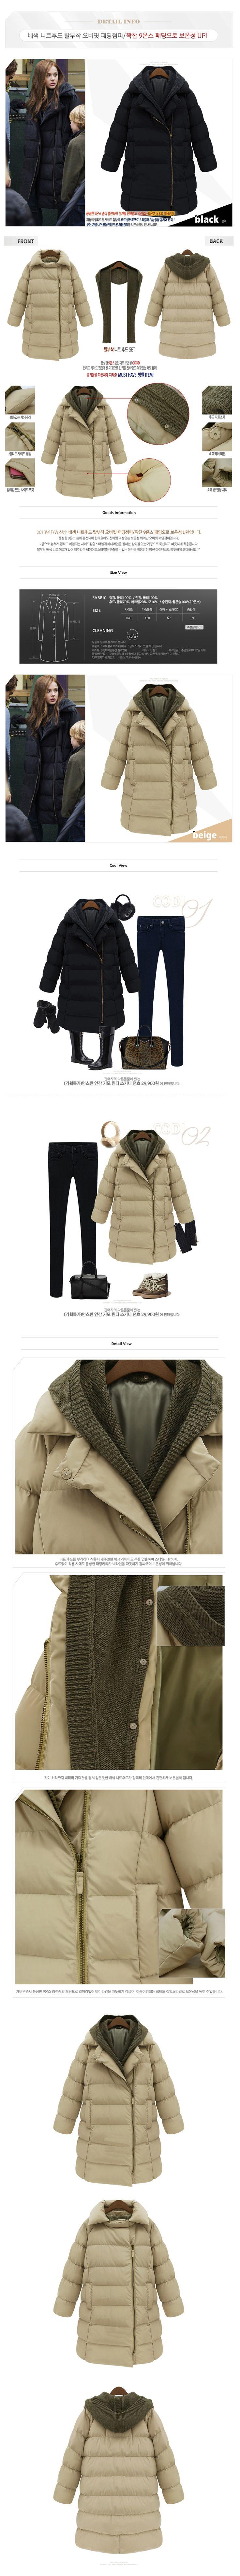 По беременности и родам ватные куртки верхняя одежда для беременных утолщение хлопка ватник средней длины Большой размер по беременности и родам утолщение вниз пальто, принадлежащий категории Пальто и относящийся к Детские товары на сайте AliExpress.com | Alibaba Group